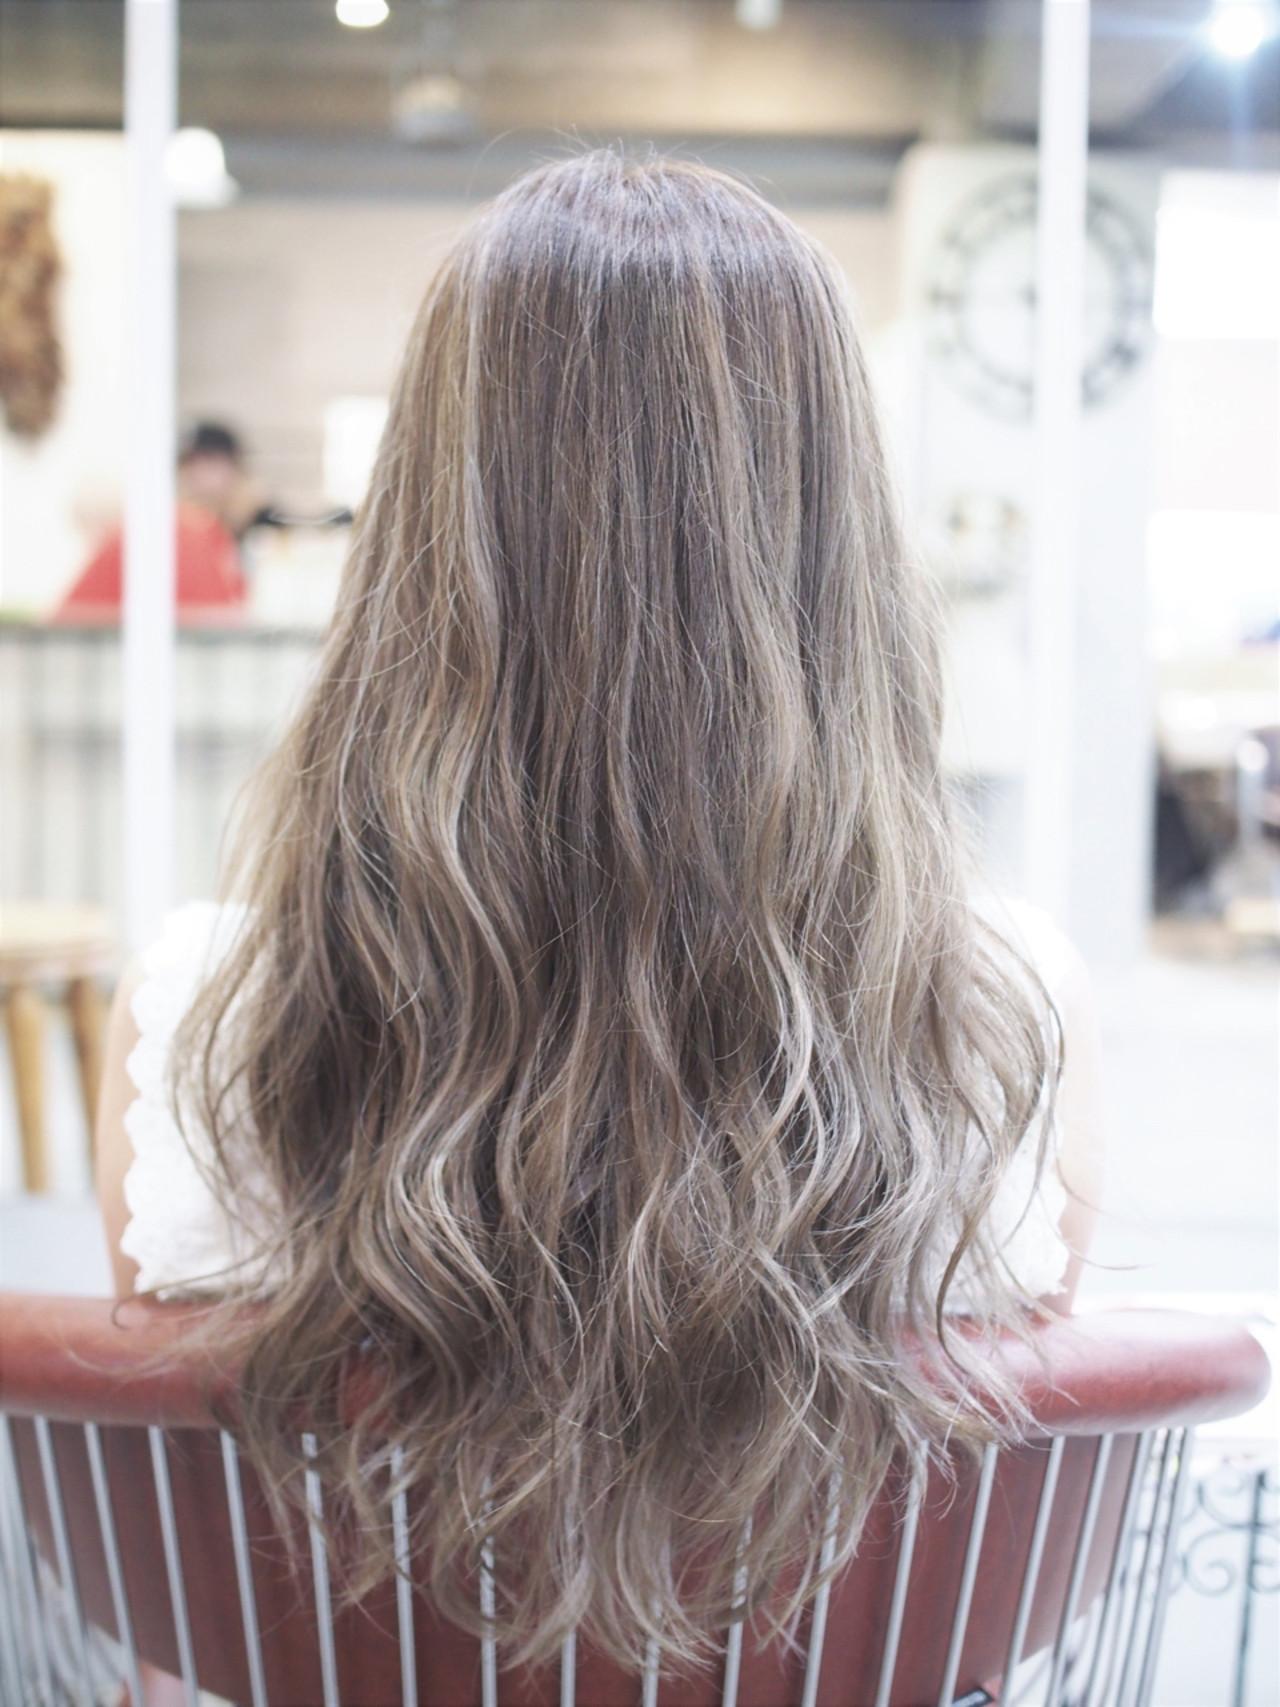 アッシュベージュ ハイライト ナチュラル メッシュ ヘアスタイルや髪型の写真・画像